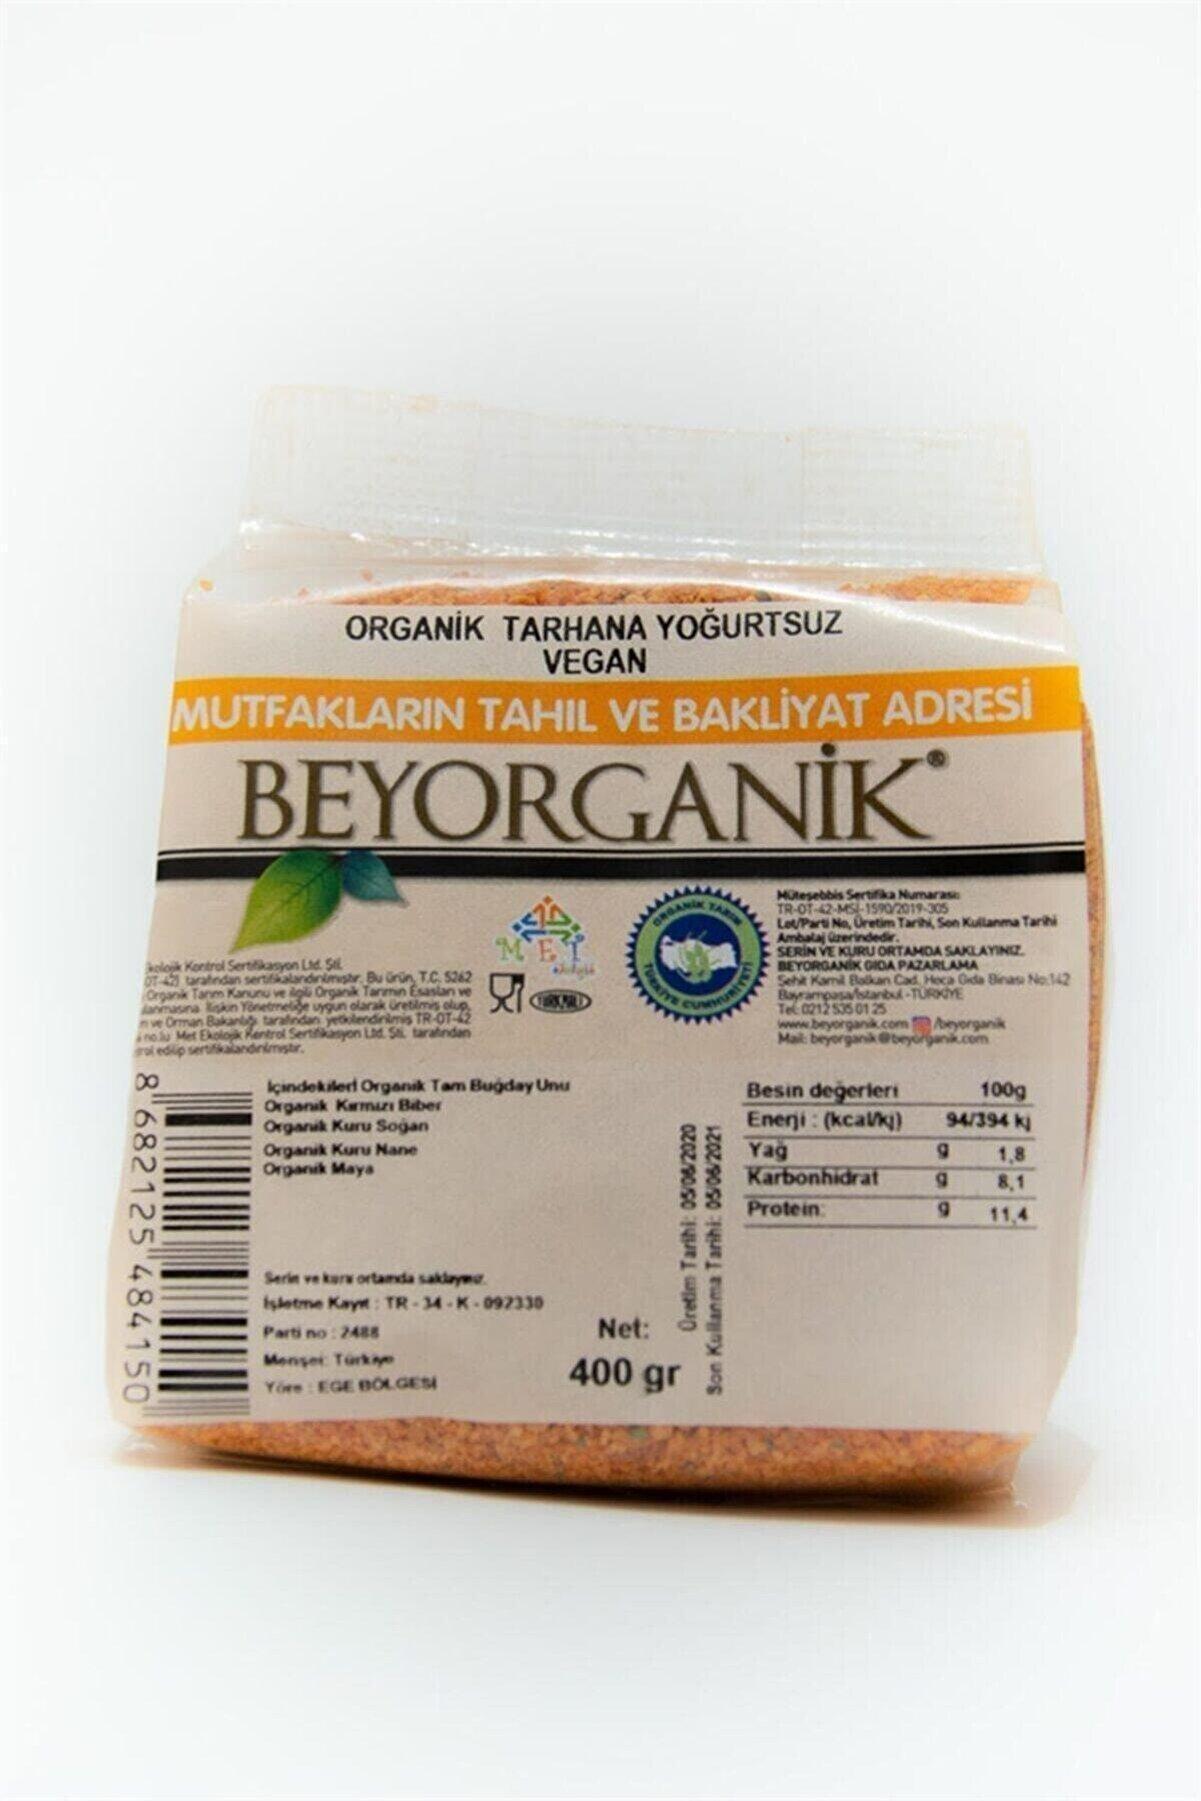 BEYORGANİK Organik Tarhana Yoğurtsuz Vegan 300gr